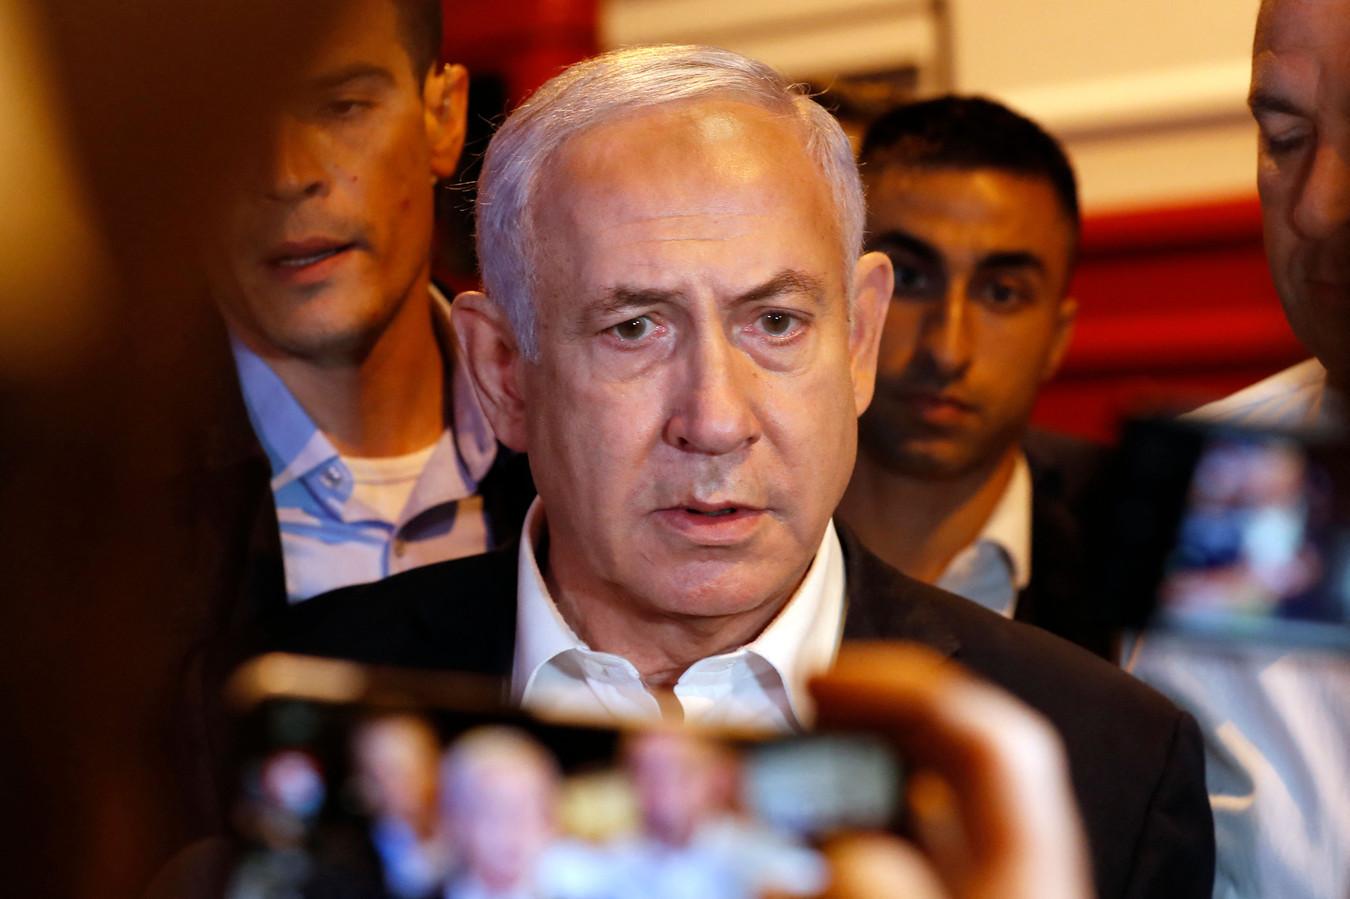 De Israëlische premier Benjamin Netanyahu dinsdagavond tijdens een bezoek aan de stad Lod, waar grote ongeregeldheden plaatsvonden. De plaatselijke politie beschuldigde Arabische inwoners van de stad ervan grootschalige rellen te veroorzaken.